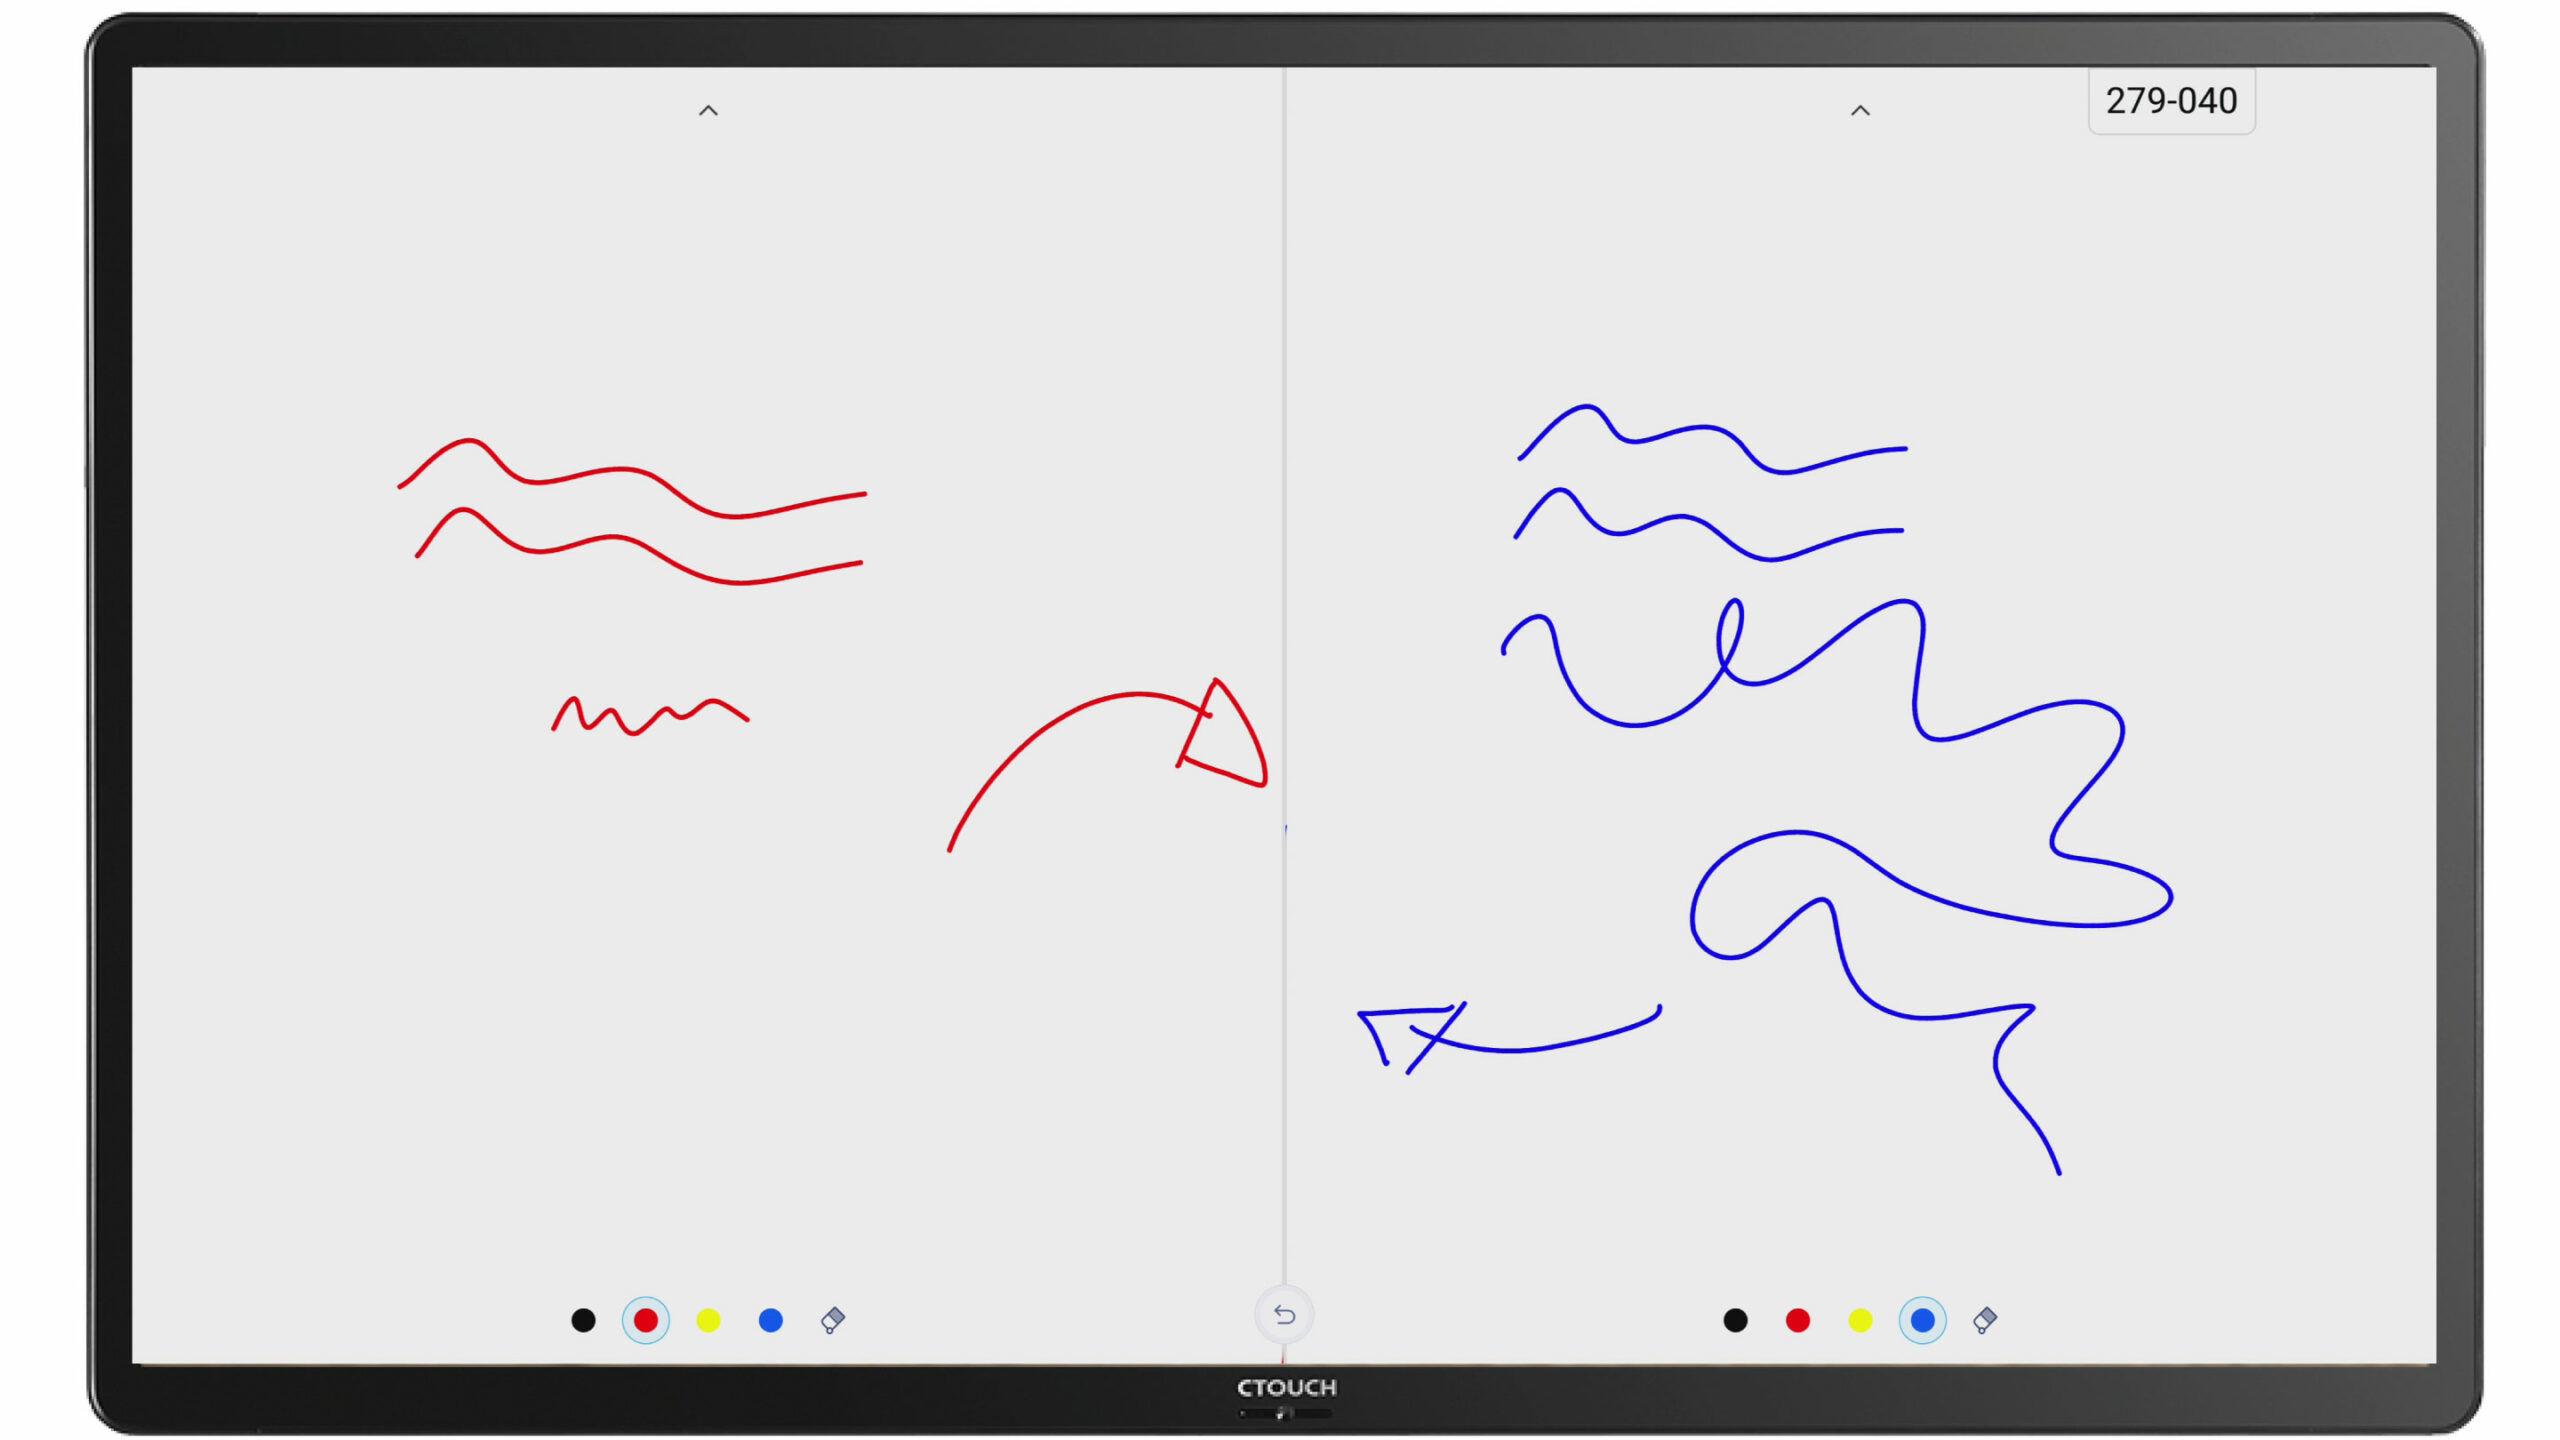 dubbele modus passer geodriehoek meetlat Digitaal whiteboard uboardmate versie 2 ctouch interactief gebruiksvriendelijk educatief school clevertouch